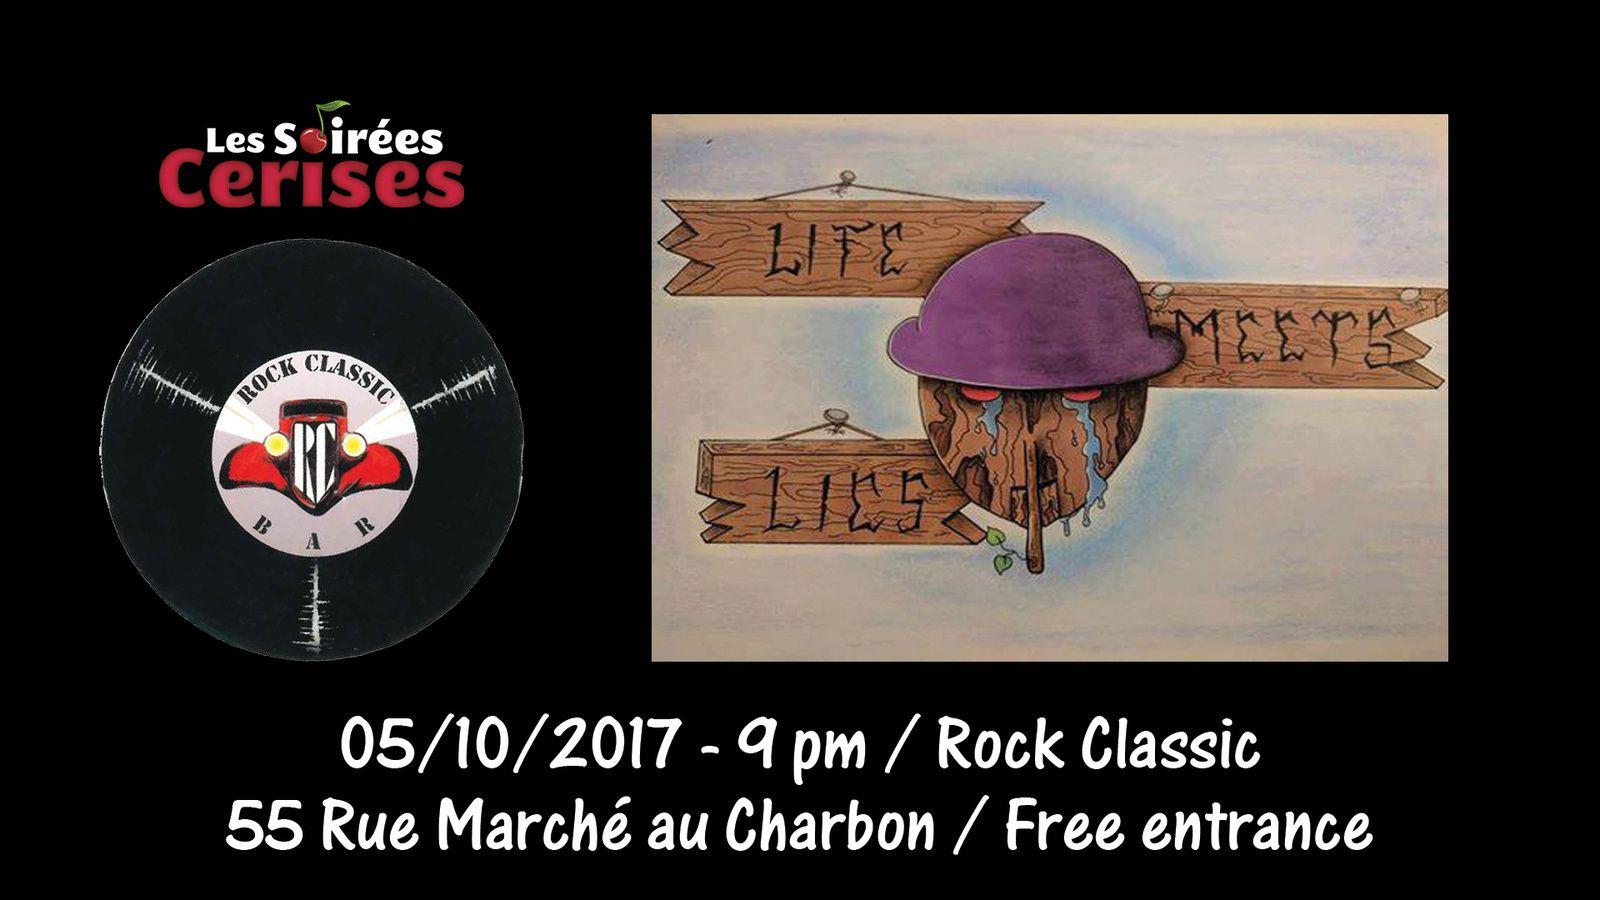 ▶ Life meets lies @ Rock Classic - 05/10/2017 - 20h30 - Concert annulé !